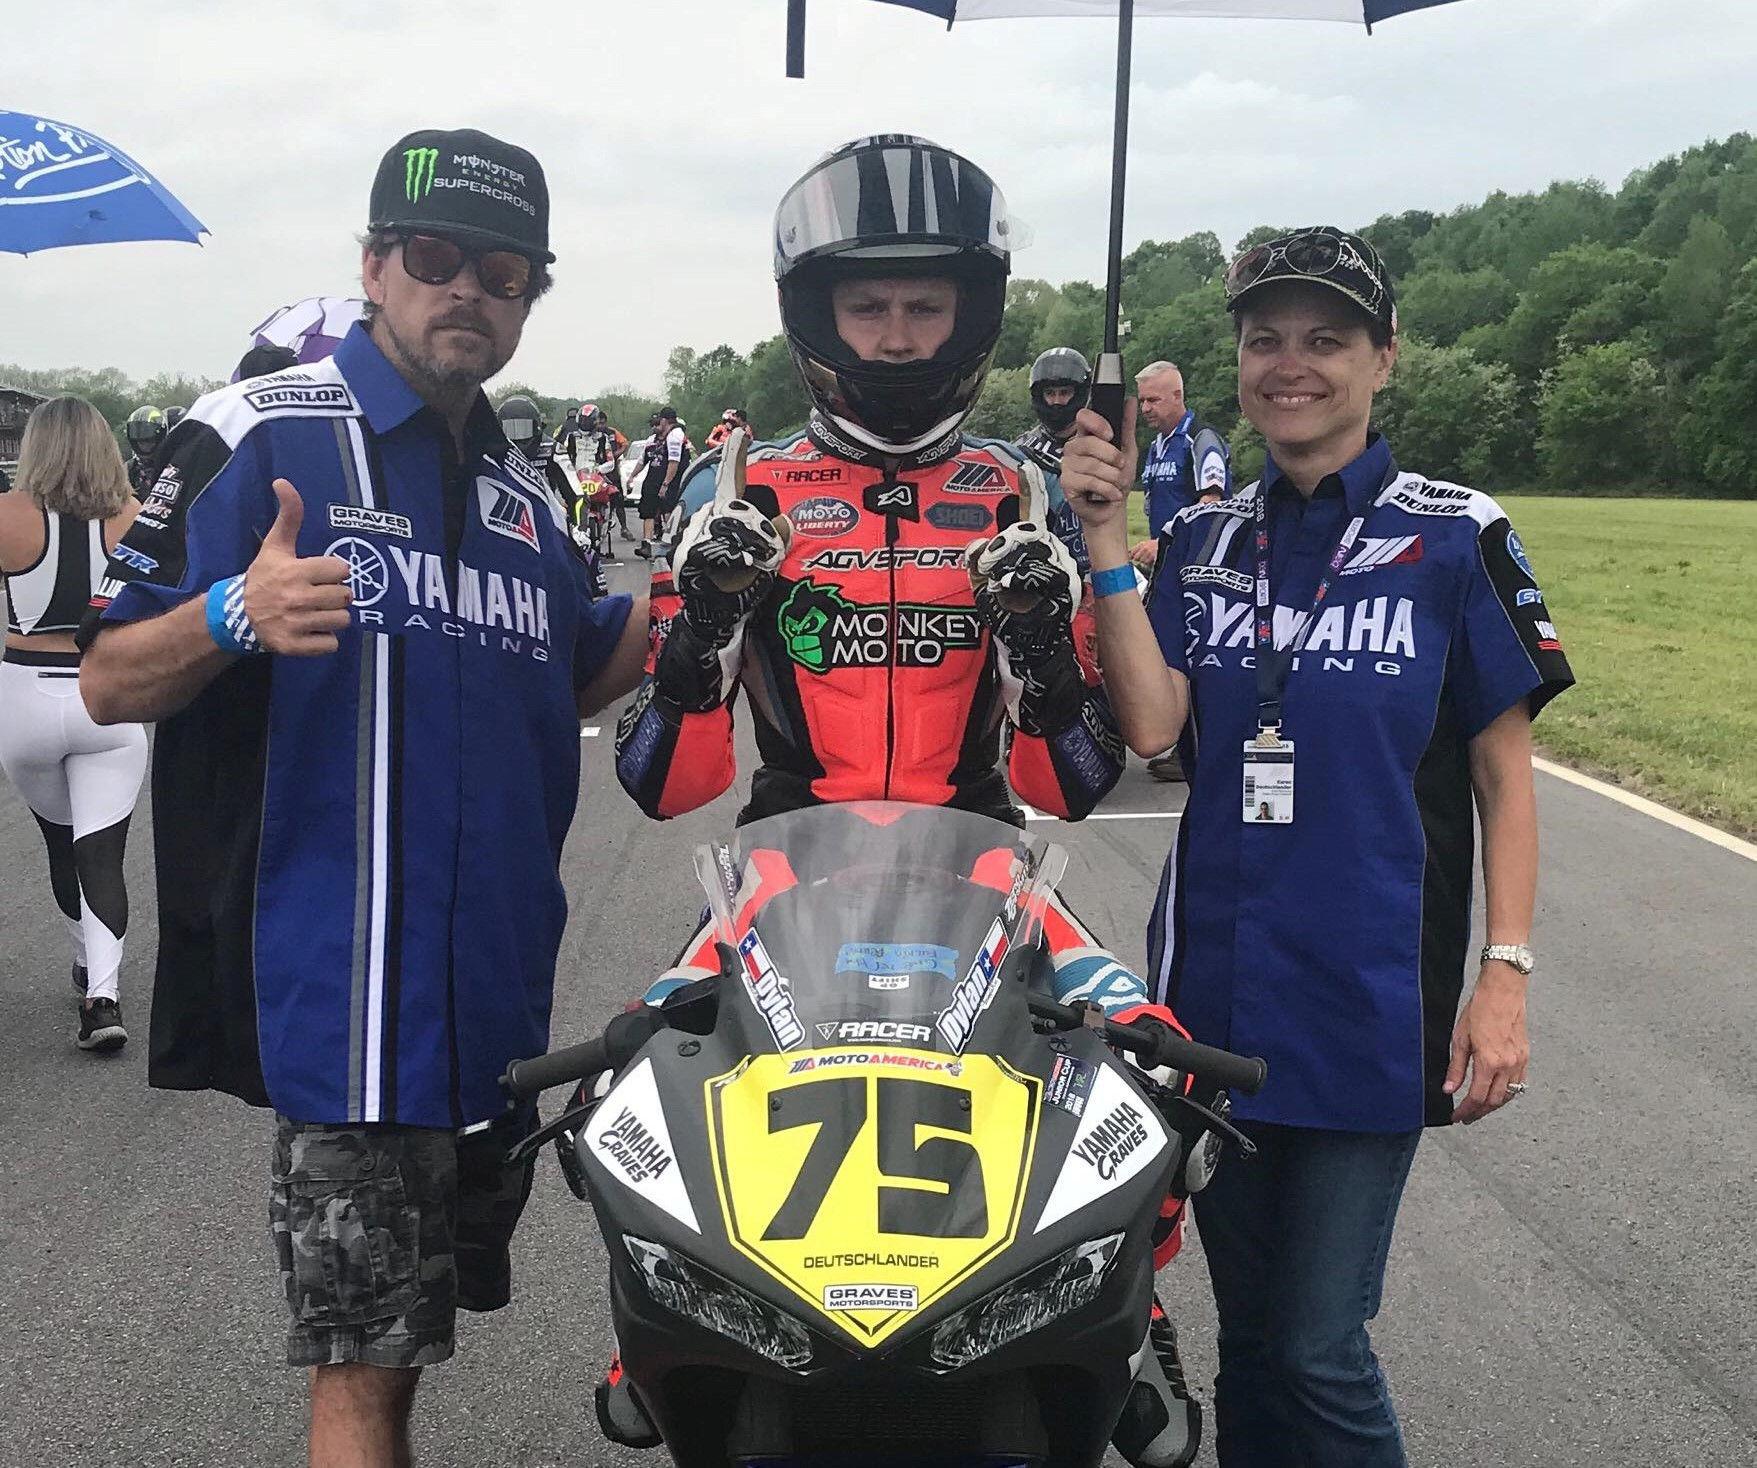 Karen Deutschlander (right) on the grid with son Dylan Deutschlander (center) at a MotoAmerica race. Photo by Brian J. Nelson.